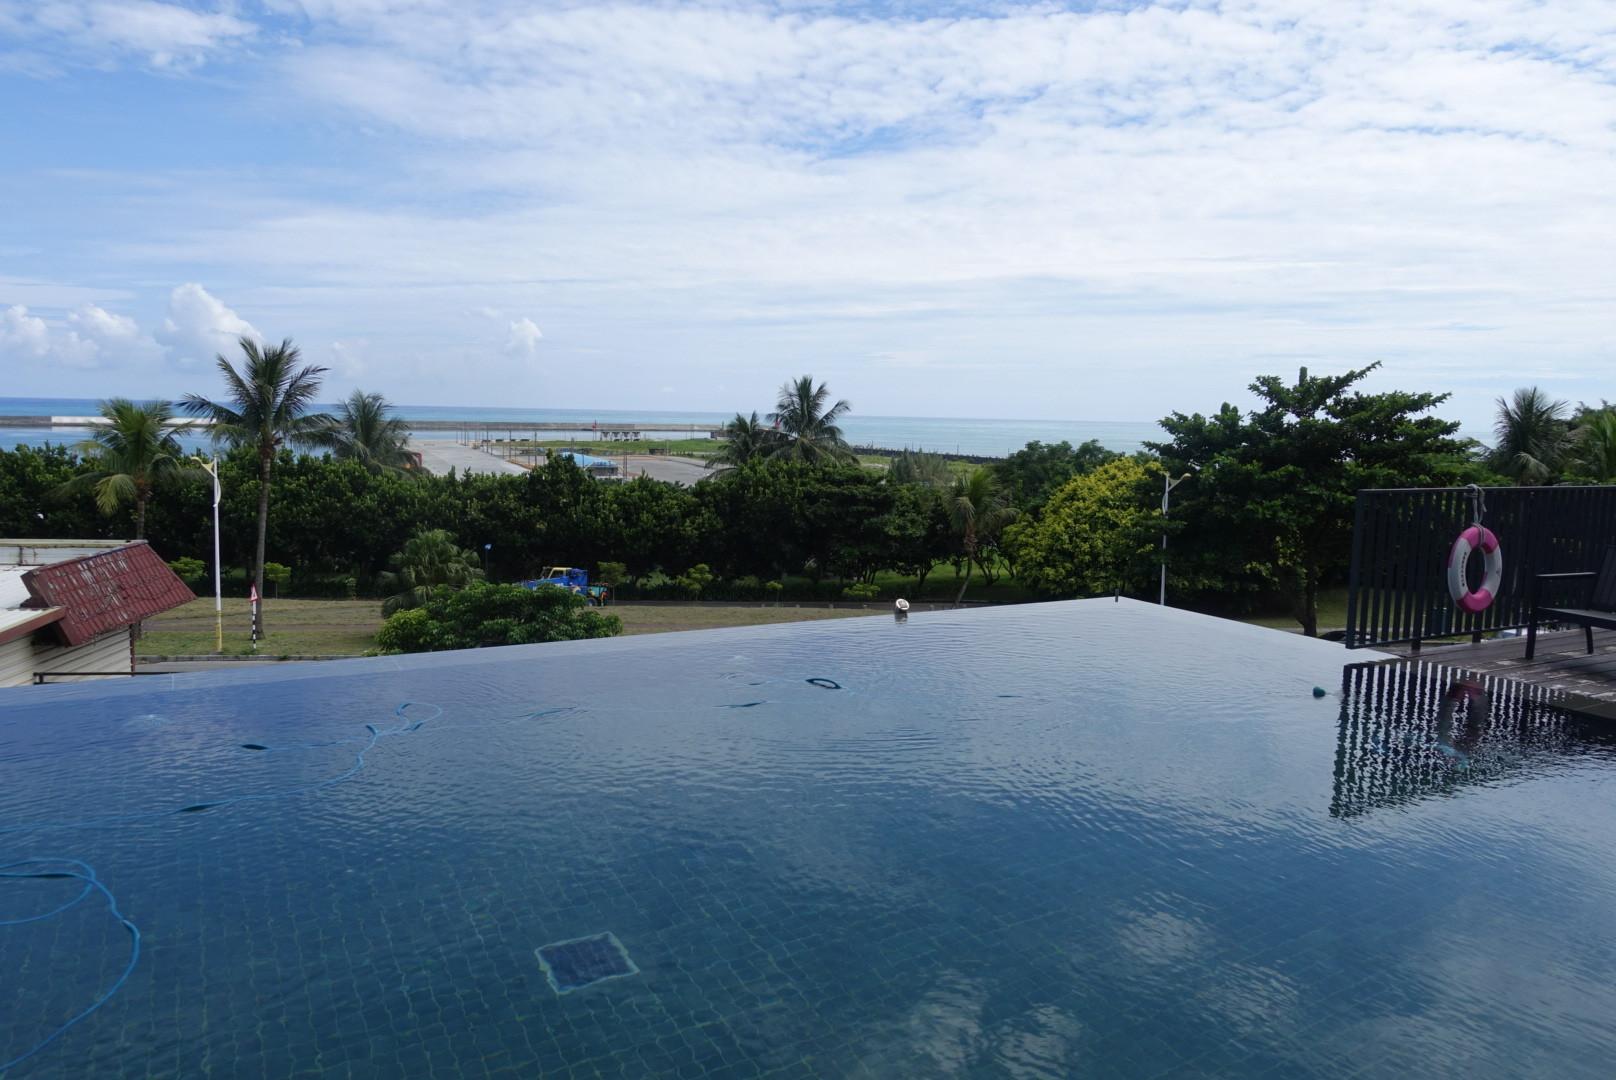 【花蓮市區】Kadda Hotel 璽賓行旅|開闊視野的無邊際游泳池X美味早餐